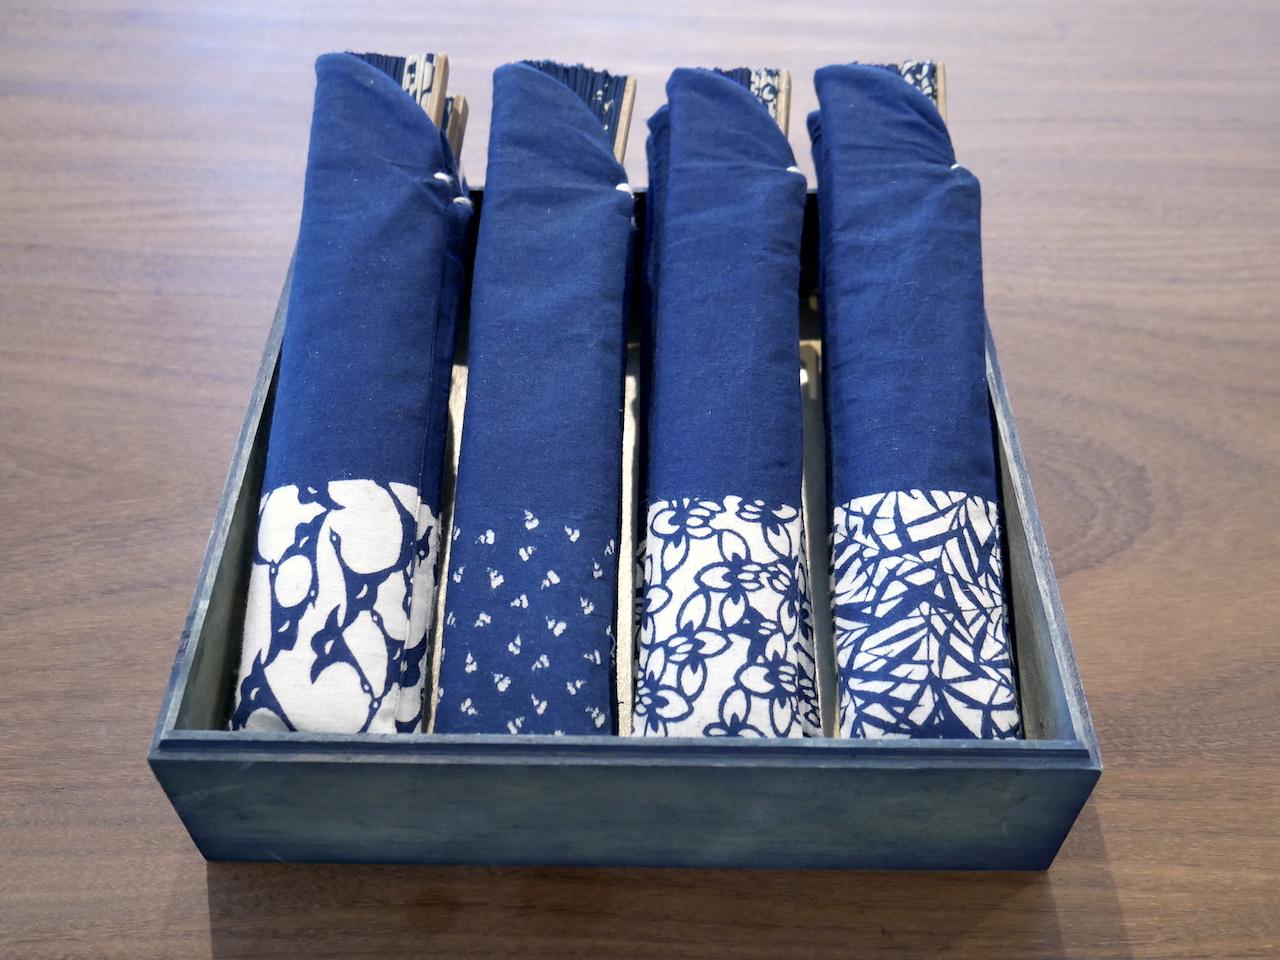 デザインは選べる4種をご用意。お揃いの扇子ケースとセットです。